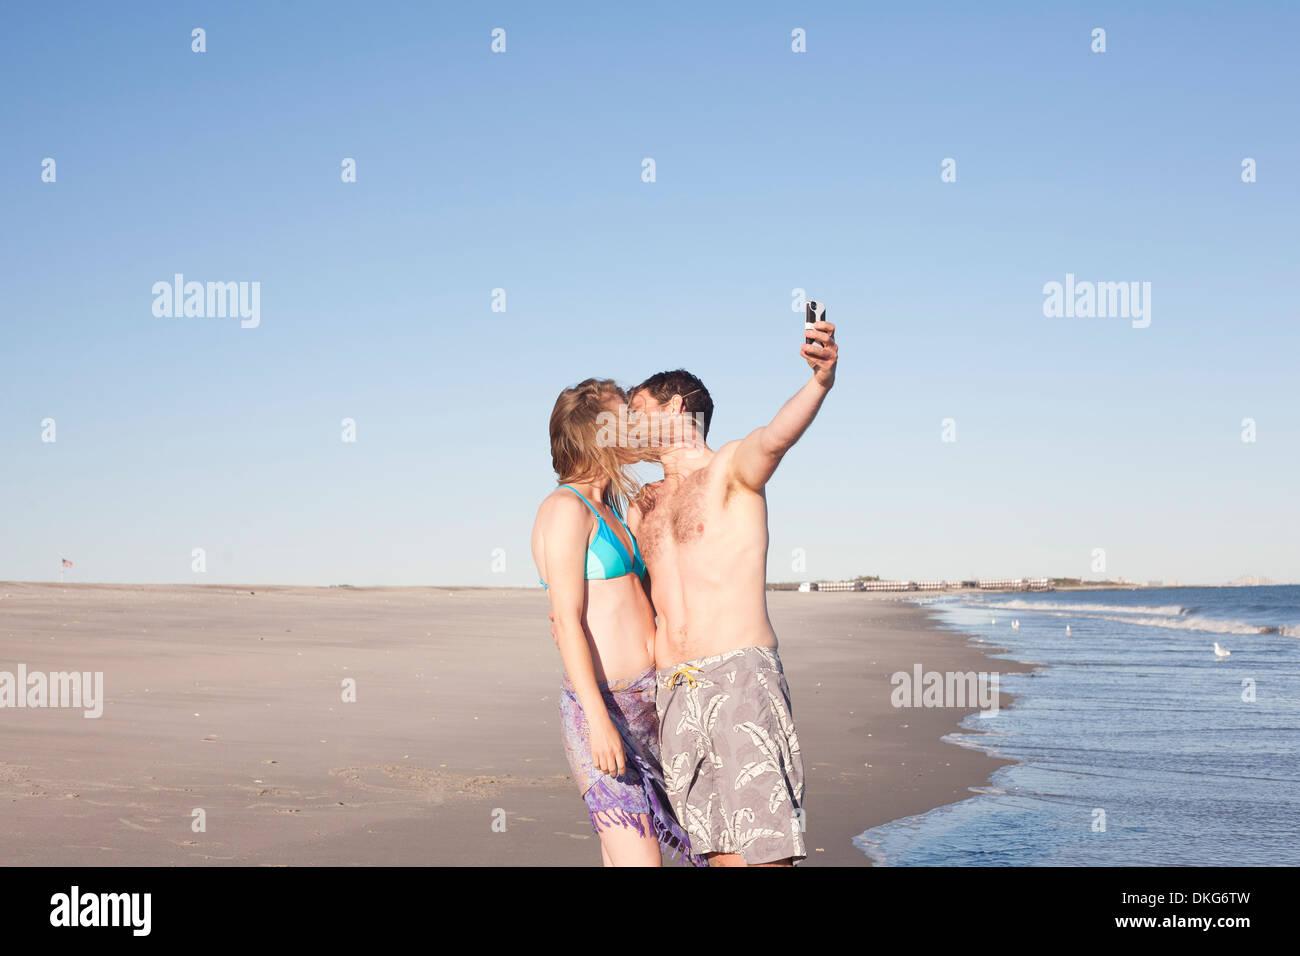 Paar unter Selbstportrait auf Strand, Breezy Point, Queens, New York, USA Stockbild